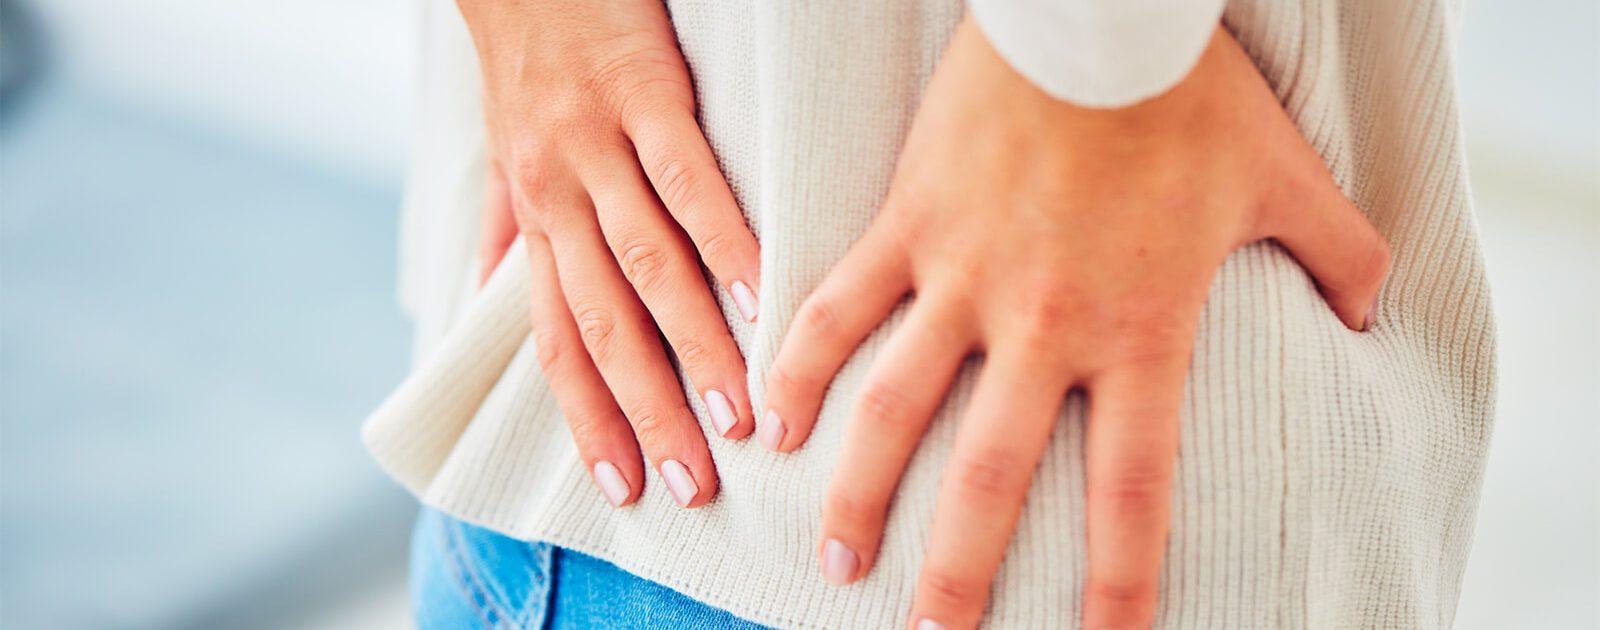 Frau mit Rückenschmerzen während der Menstruation